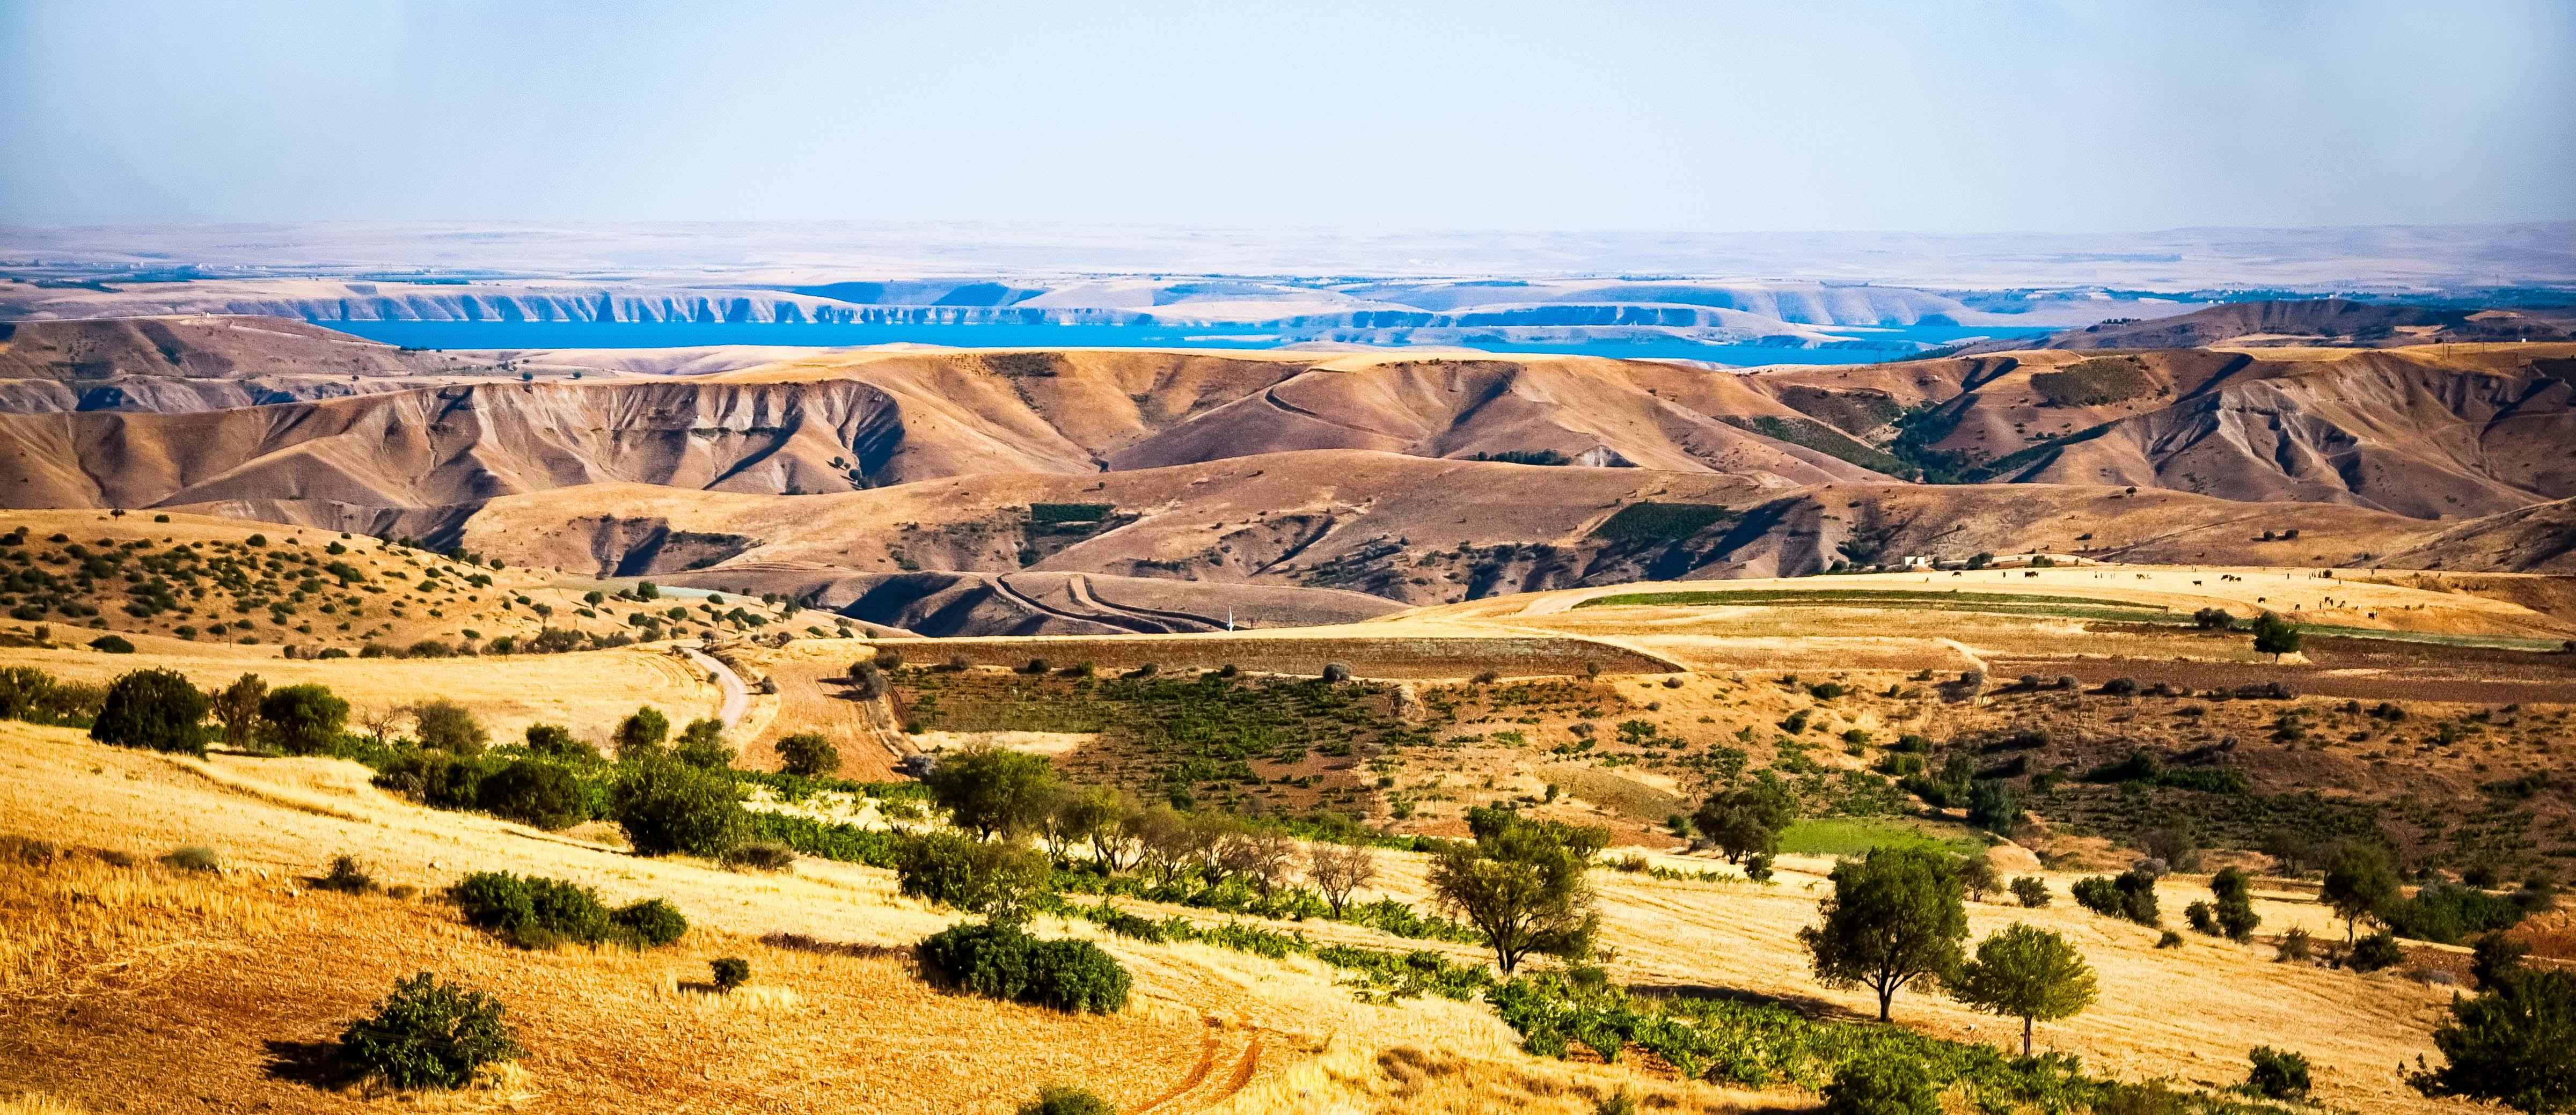 Turkey, Adiyaman Prov, Landscape, 2010, IMG 8896